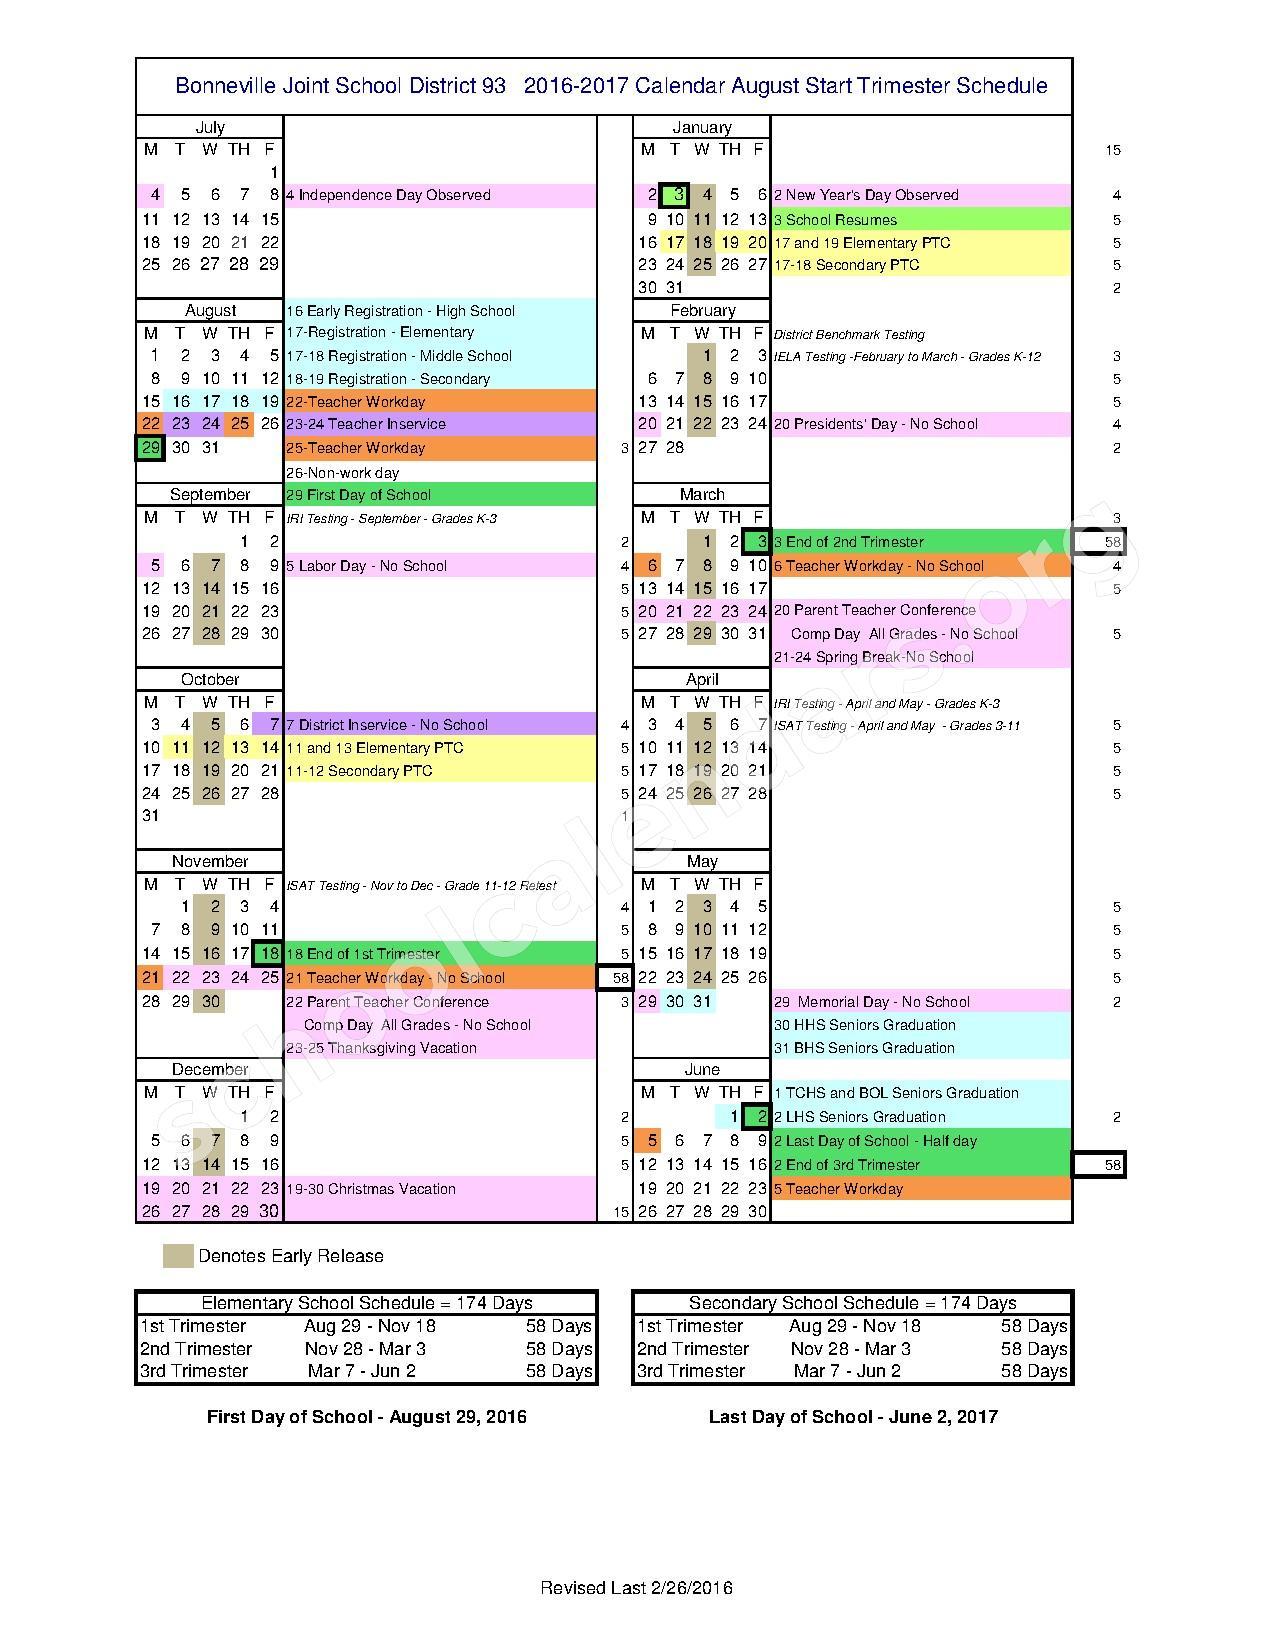 2016 - 2017 School Calendar – Bonneville Joint School District #93 – page 1